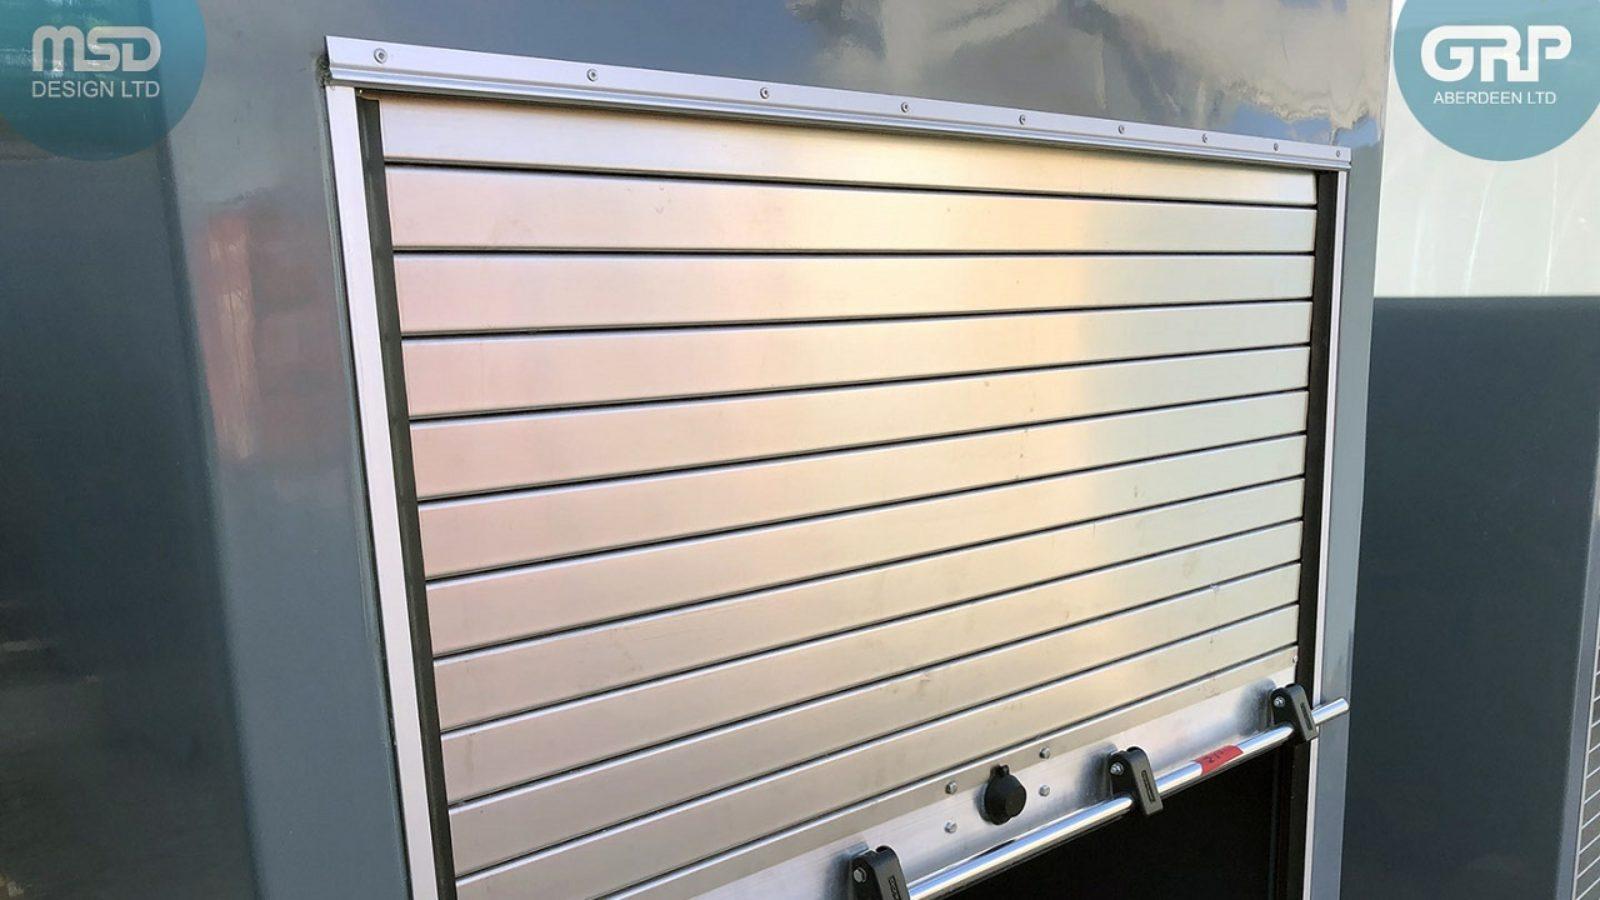 MSD Design Ltd. & GRP Aberdeen Ltd. - IP55 rated roller shutter cabinets